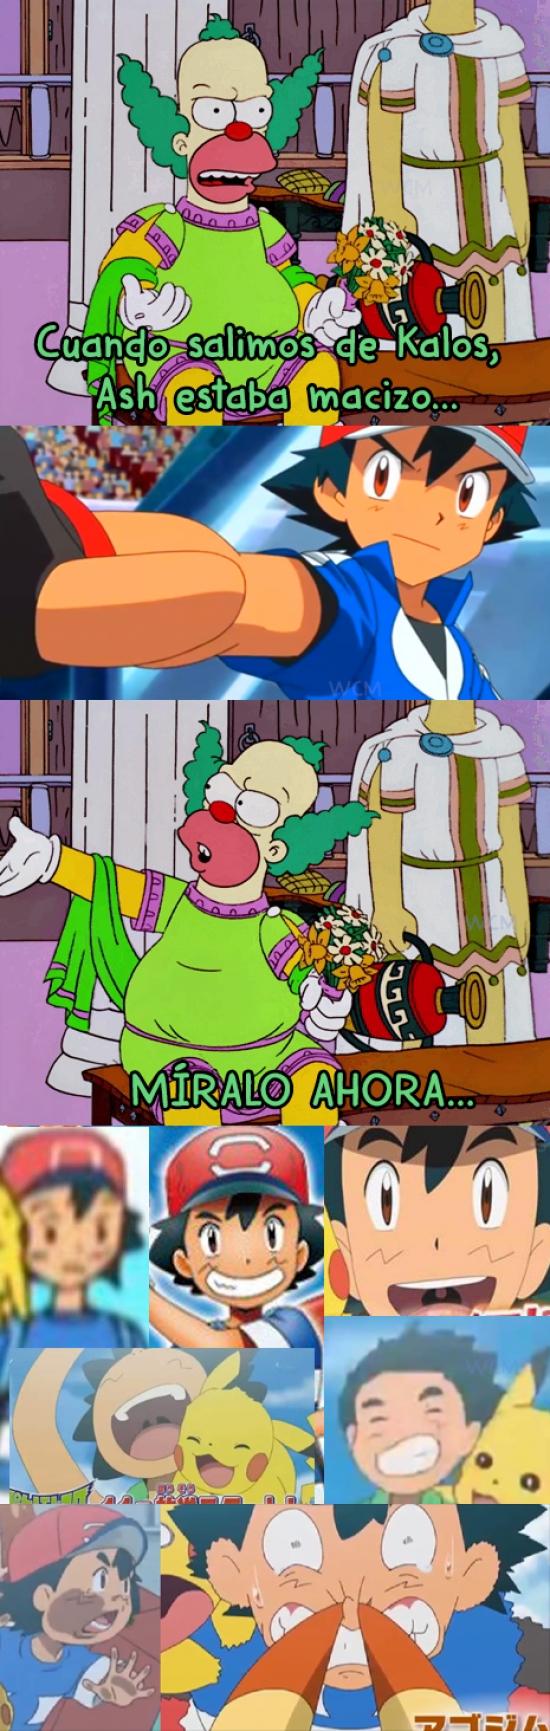 Meme_otros - Ash forma de Alola